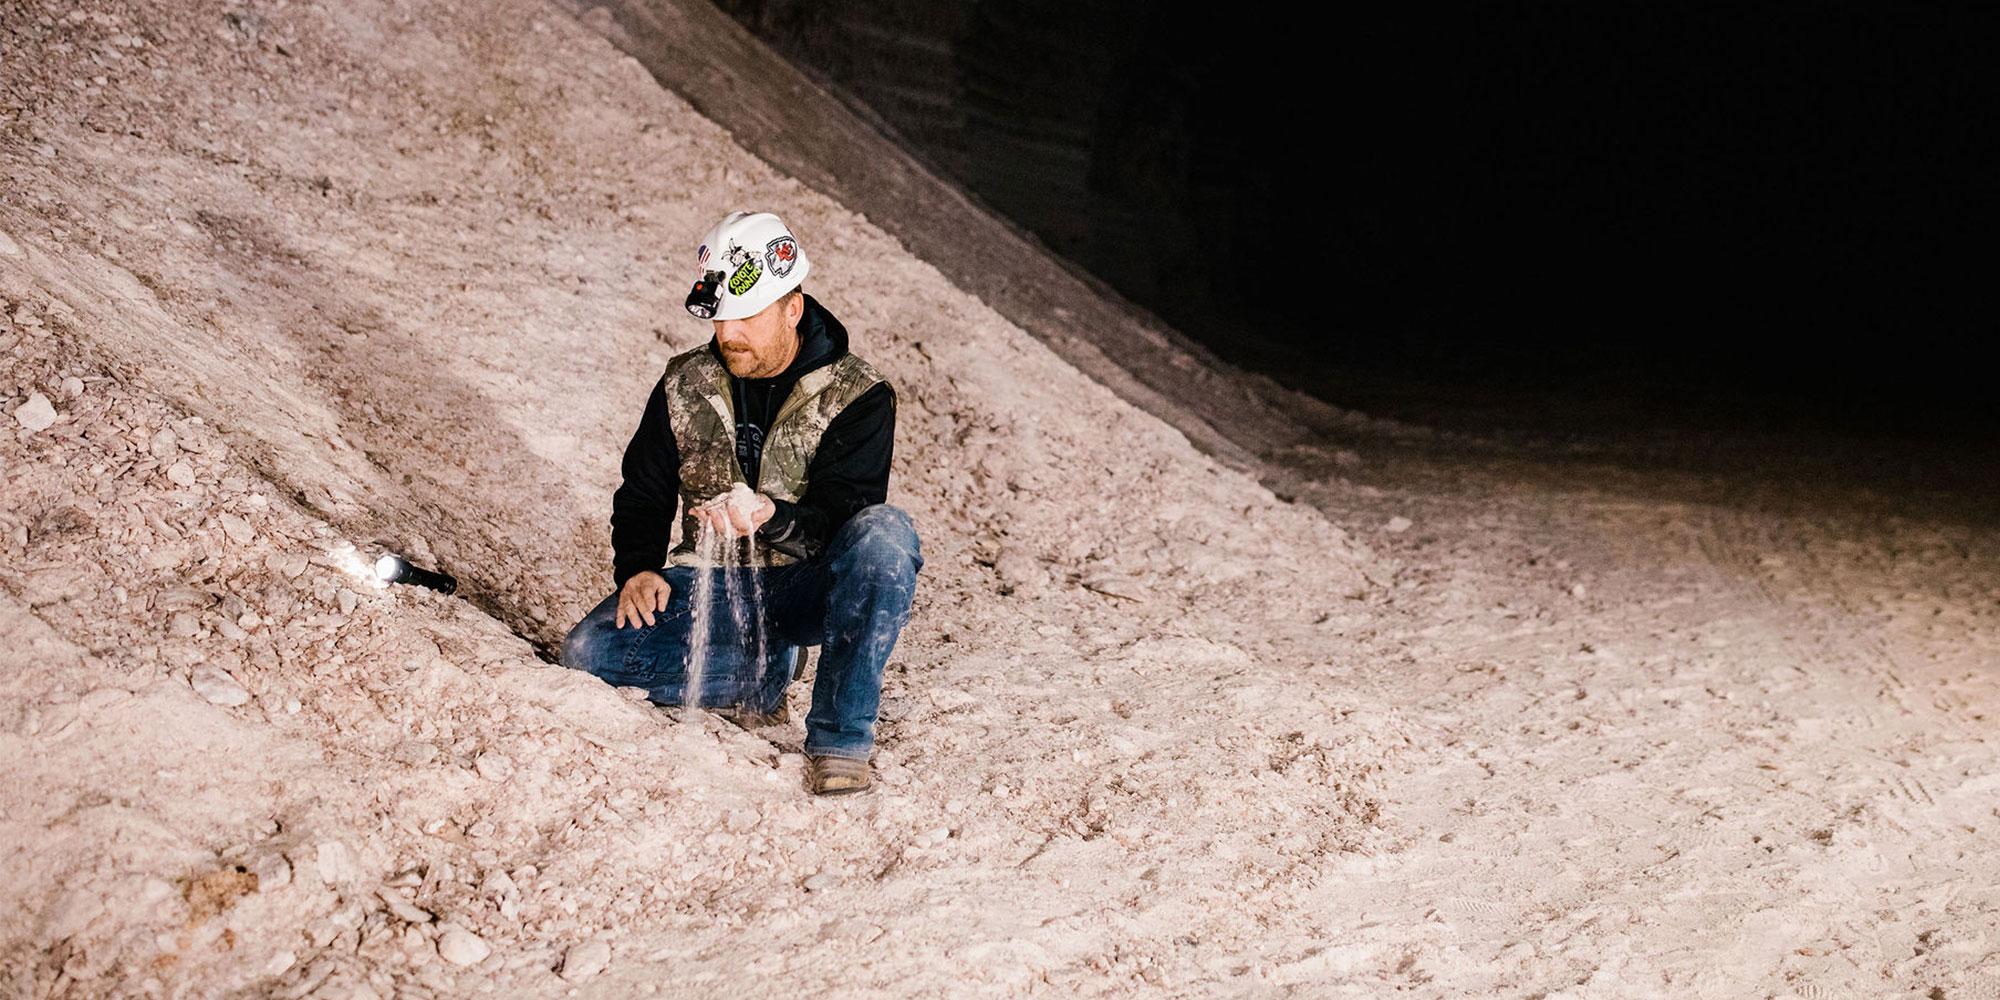 Redmond Real Salt Benefits of Unrefined Sea Salt